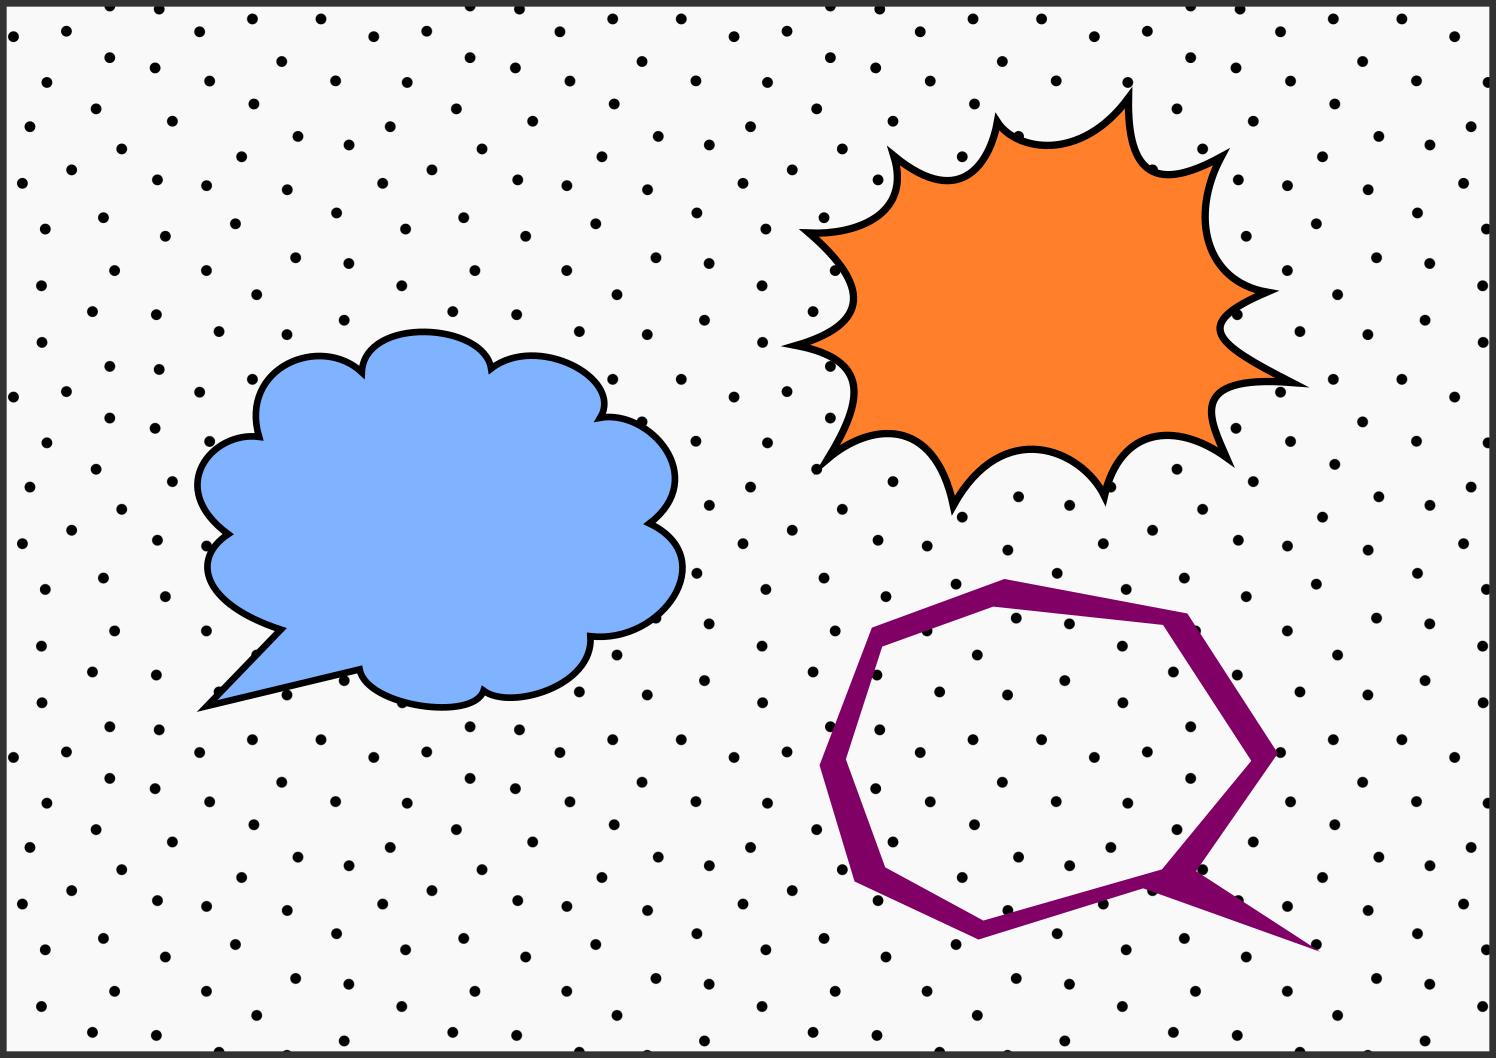 Inkscapeのシェイプとパス編集でいろんな「吹き出し」を作ってみた